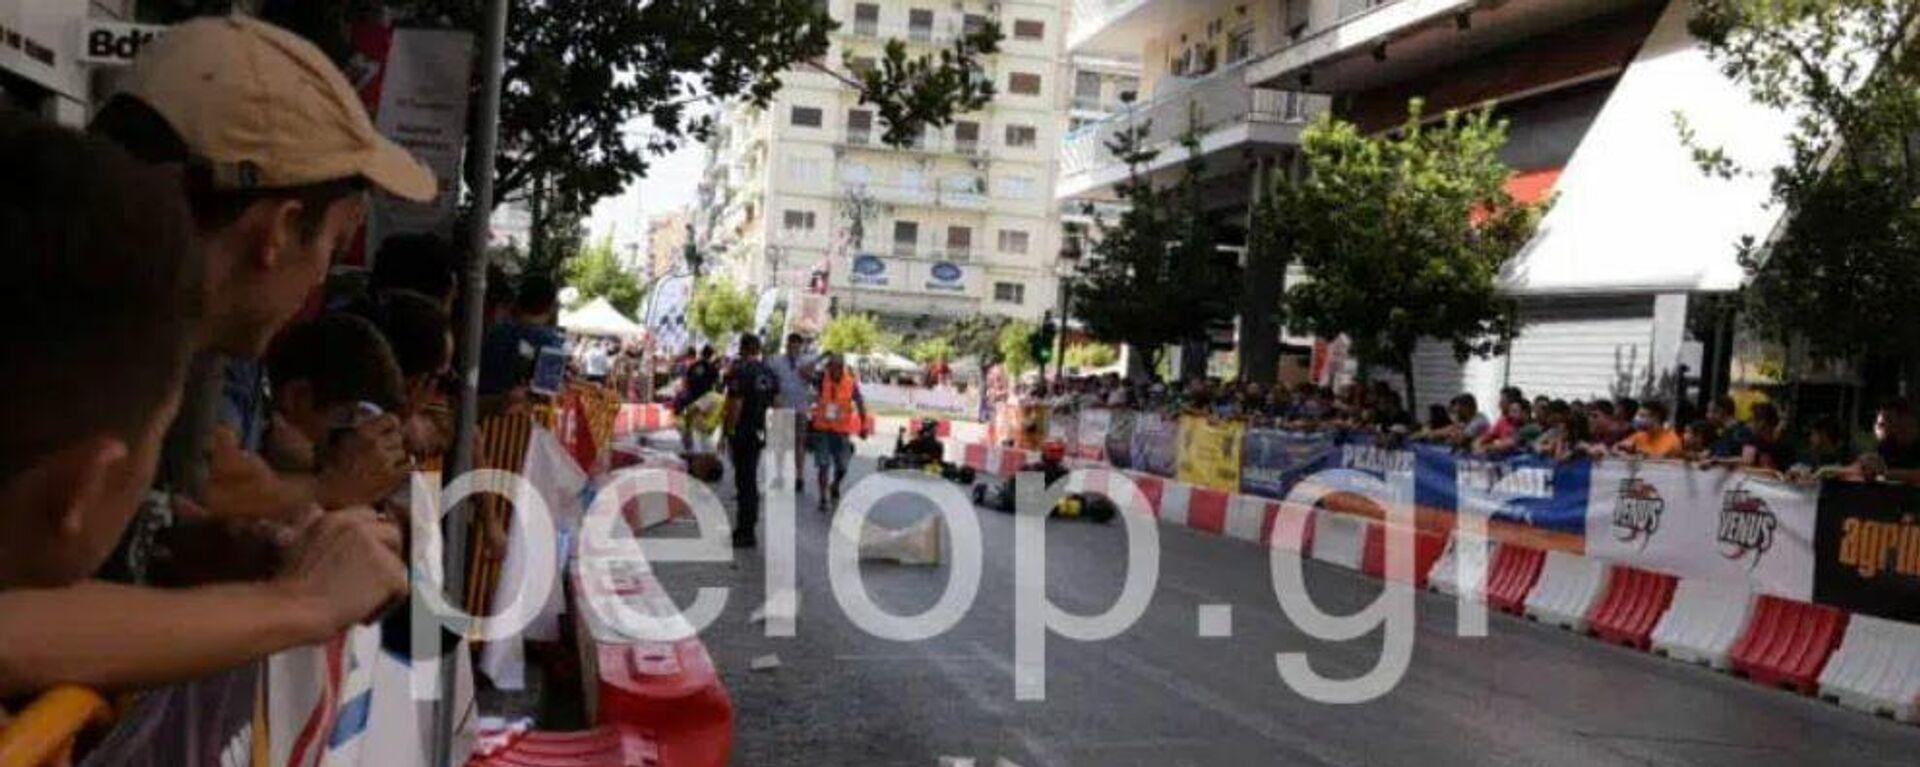 Πάτρα: Σοβαρό ατύχημα σε αγώνα καρτ  - Sputnik Ελλάδα, 1920, 20.09.2021